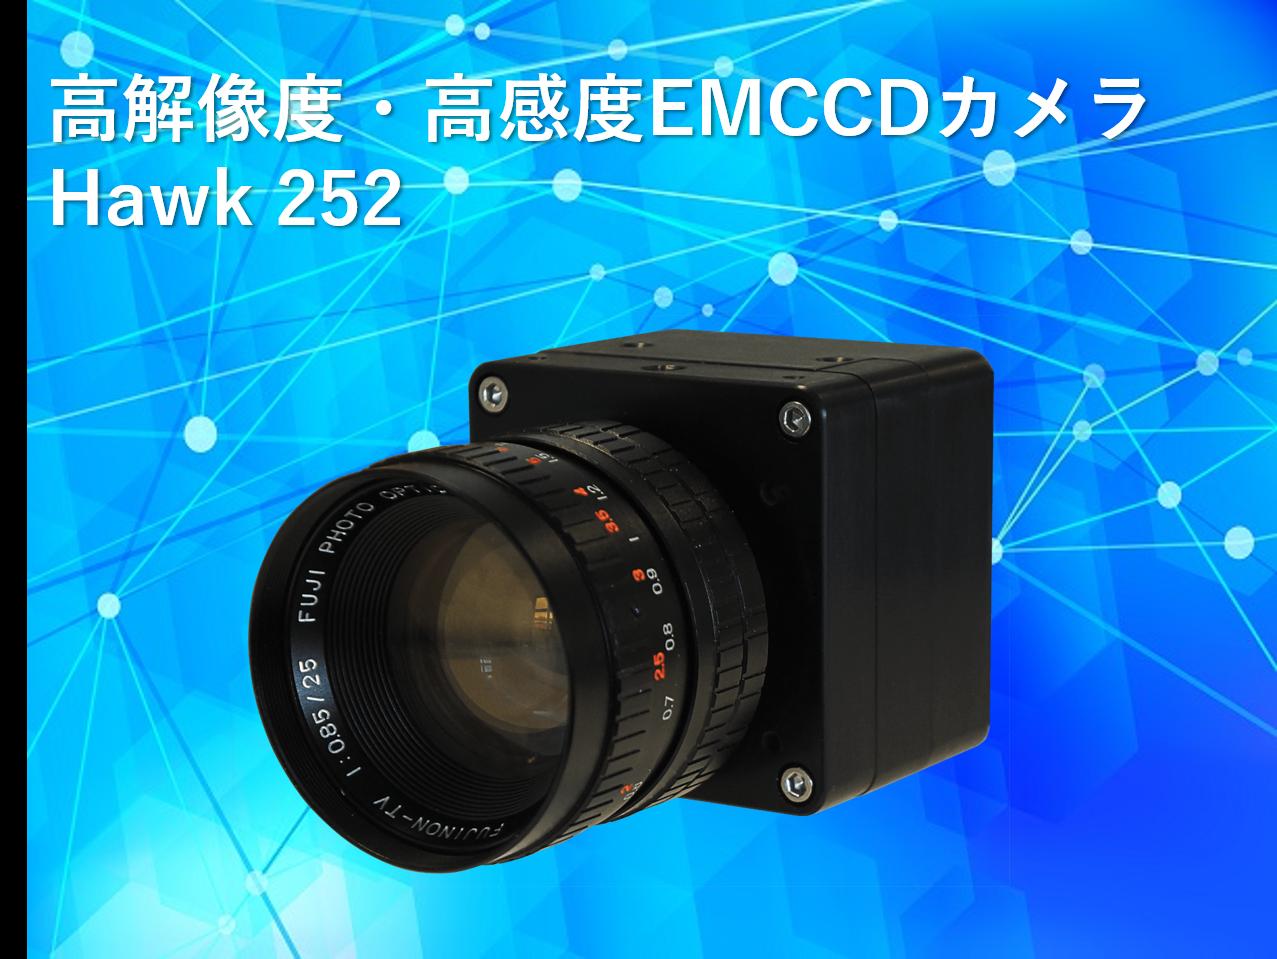 高解像度・高感度EMCCDカメラ Hawk 252